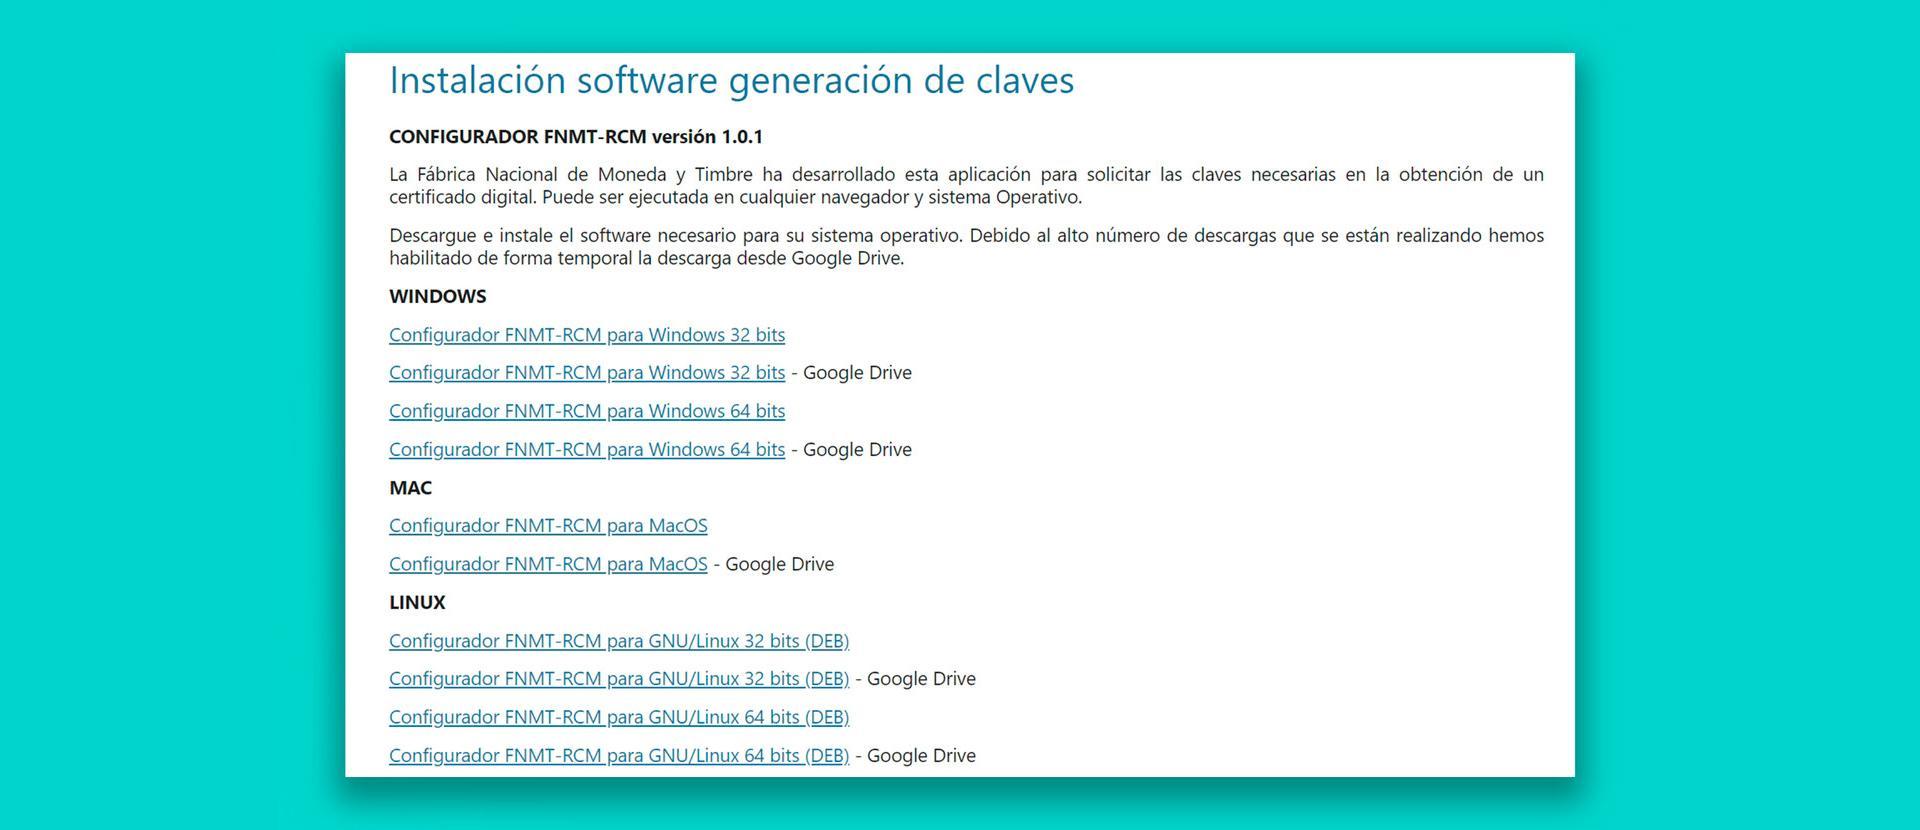 La descarga de la app para solicitar el certificado digital de la FNMT en Google Drive … ¿en serio?